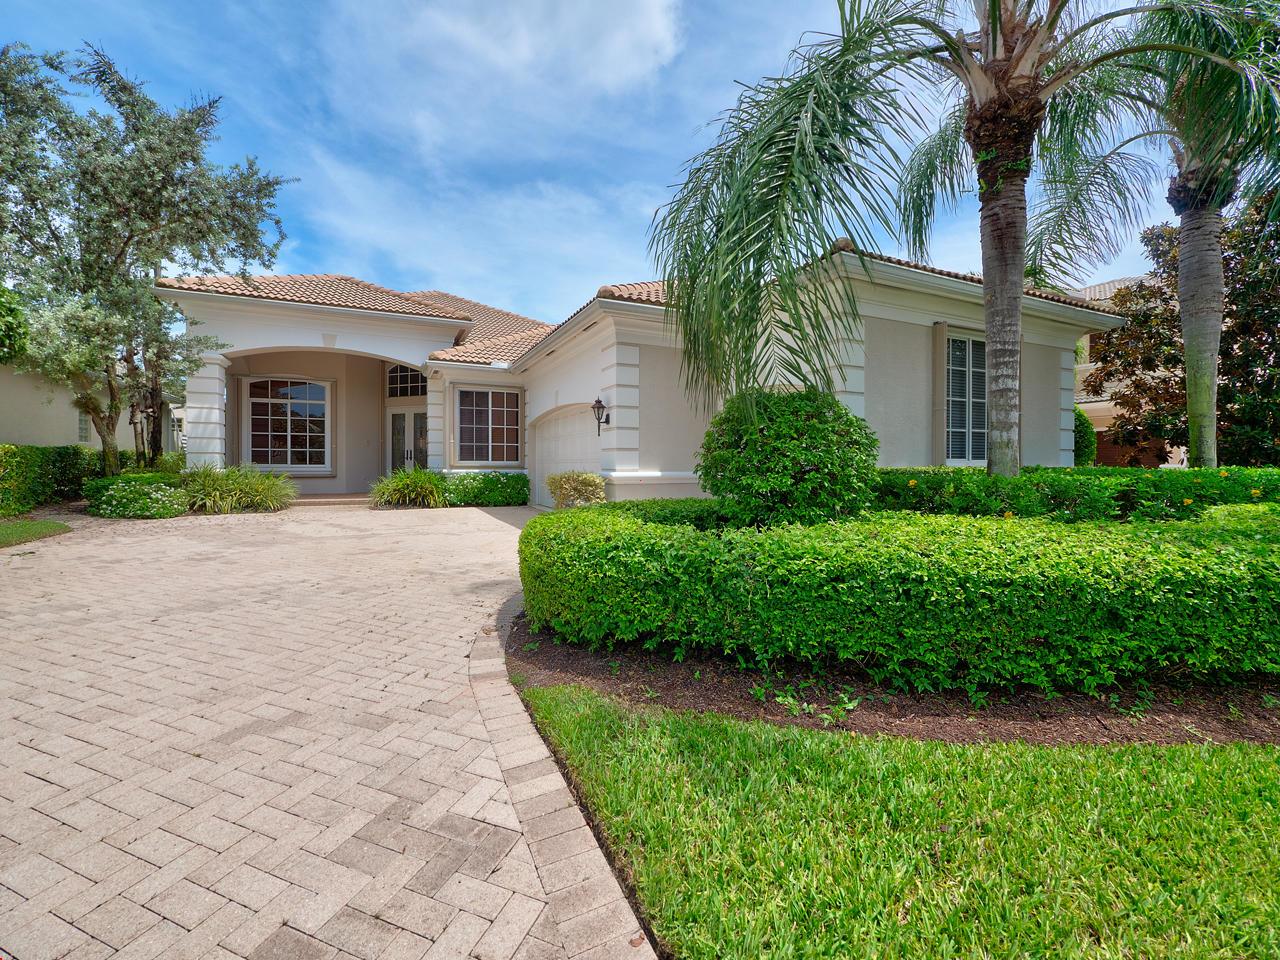 Photo of 141 San Marco Drive, Palm Beach Gardens, FL 33418